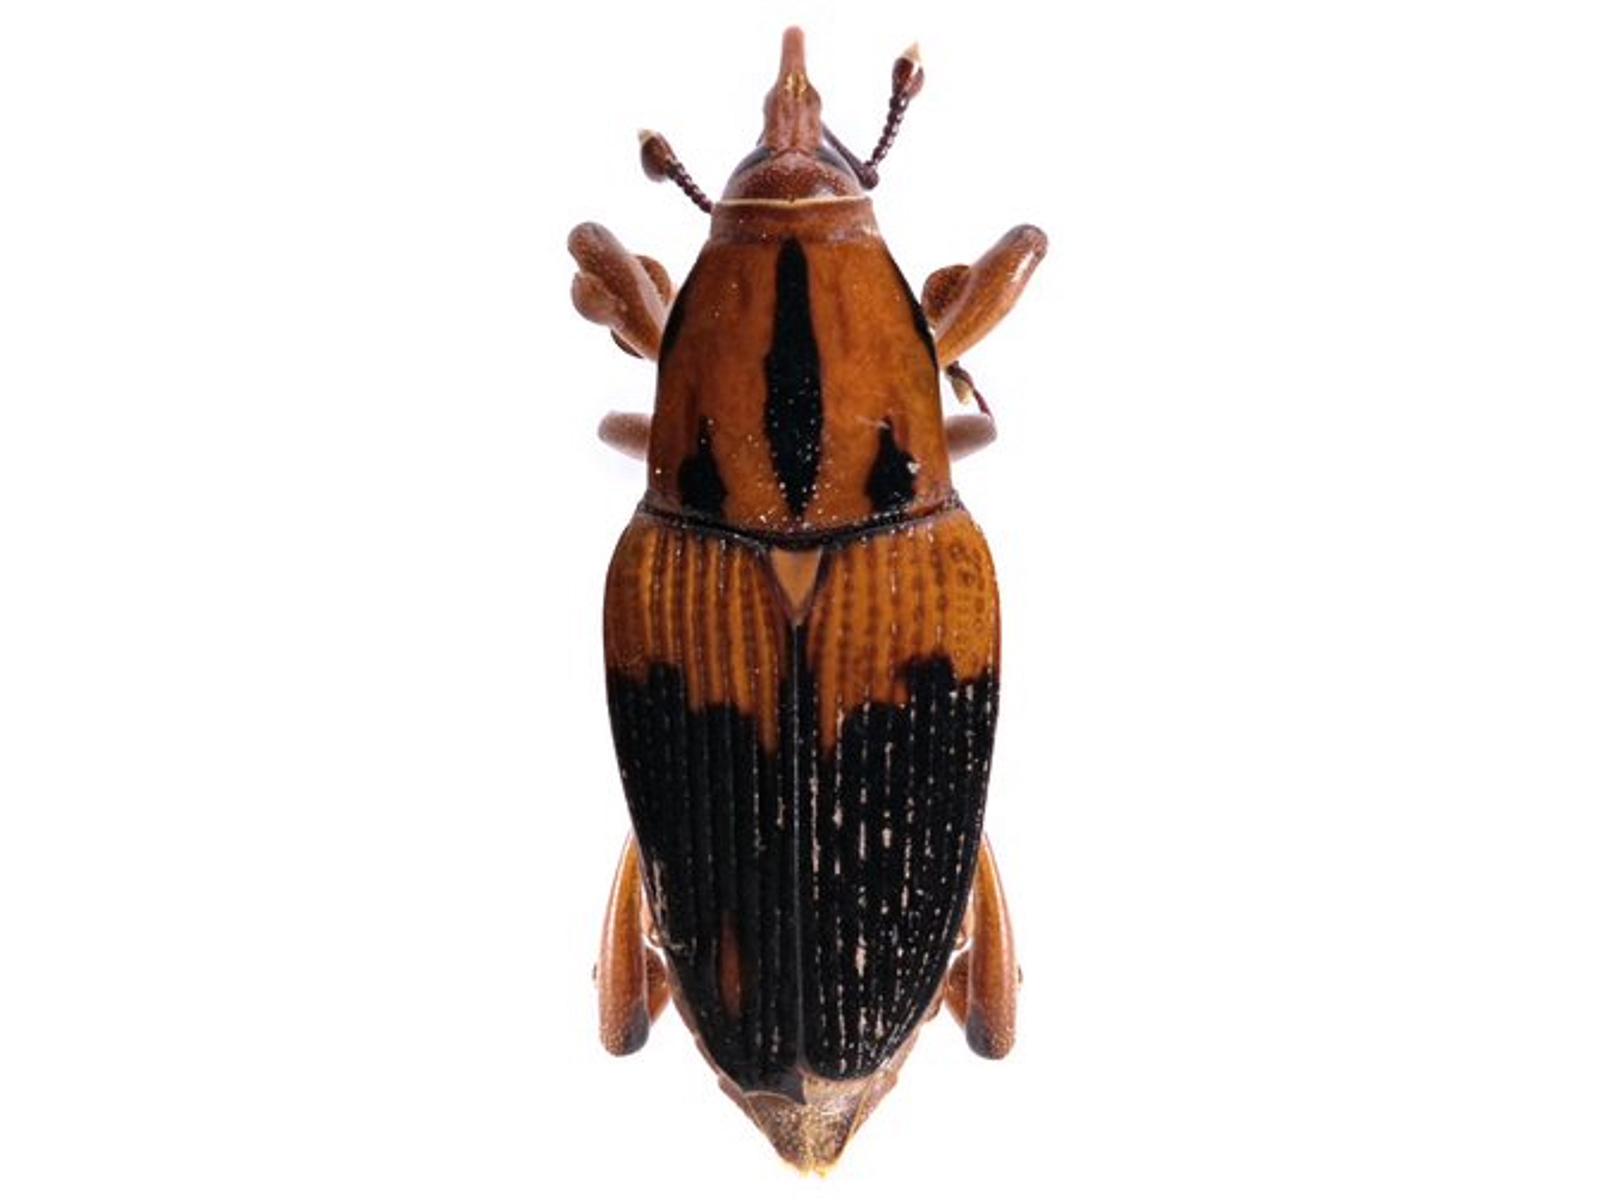 Metamasius hemipterus (Linnaeus, 1758)